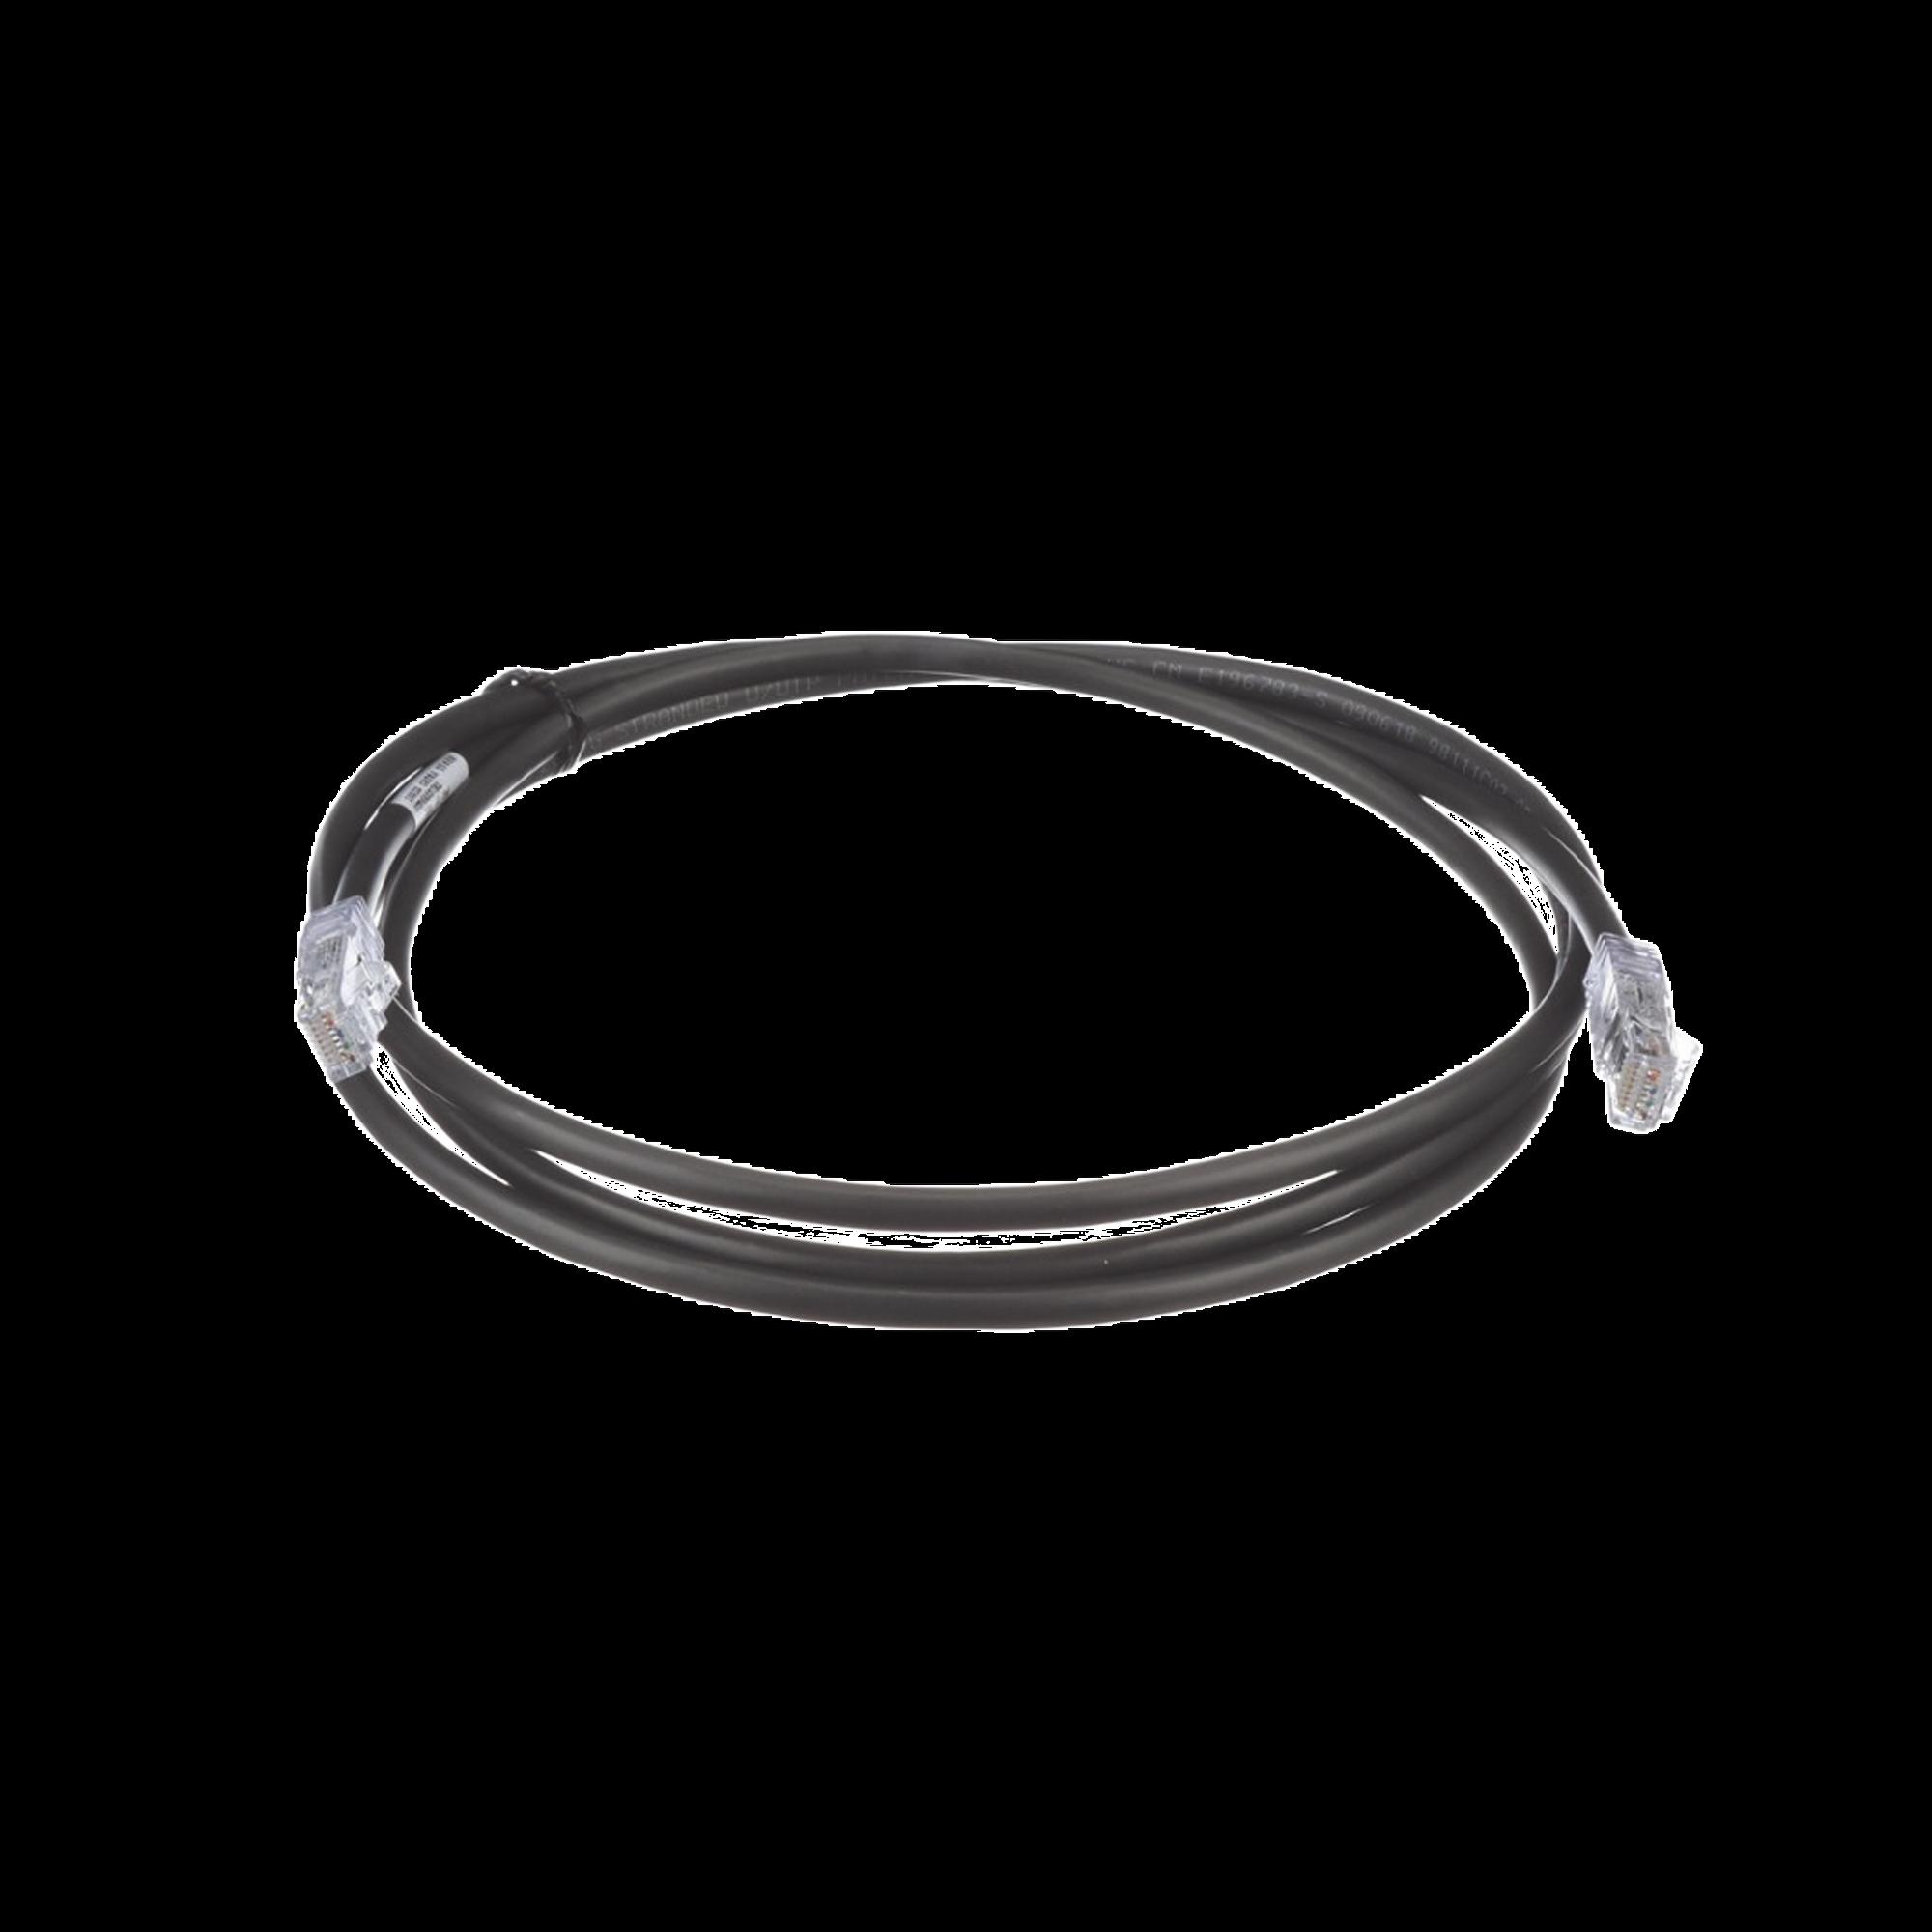 Cable de Parcheo UTP, Cat6A, 24 AWG, CM, Color Negro, 5ft